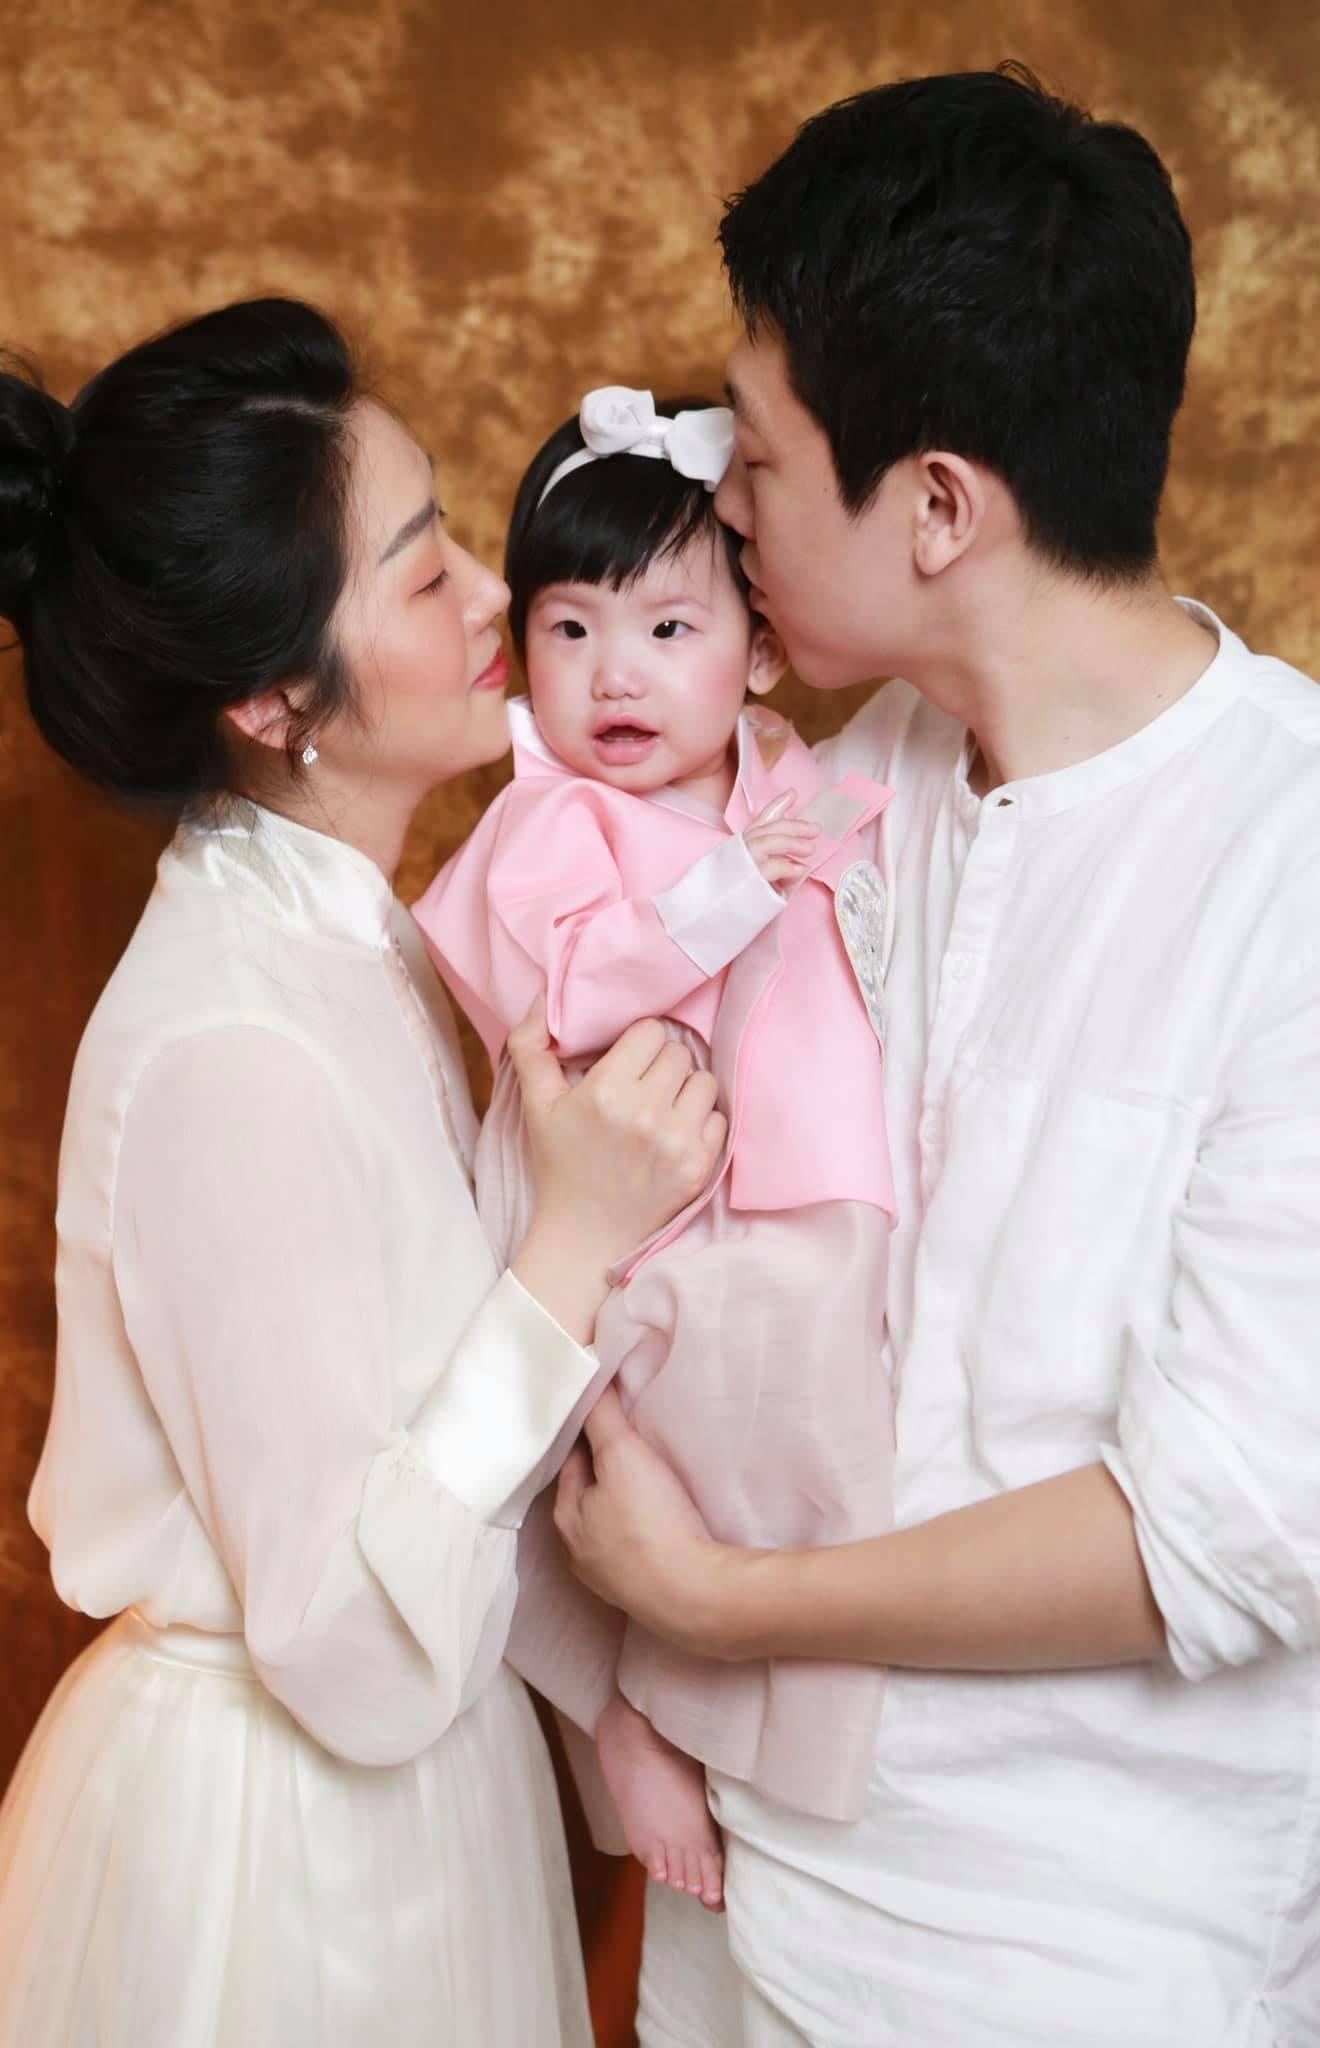 """Nhầm lẫn khi đi cà phê, cô gái cưới được chồng cực phẩm: Mẹ chồng là nhân vật có tiếng tăm tại Hàn Quốc và hành trình chinh phục bố vợ sau buổi gặp đầu """"đầy bão tố""""! - Ảnh 9."""